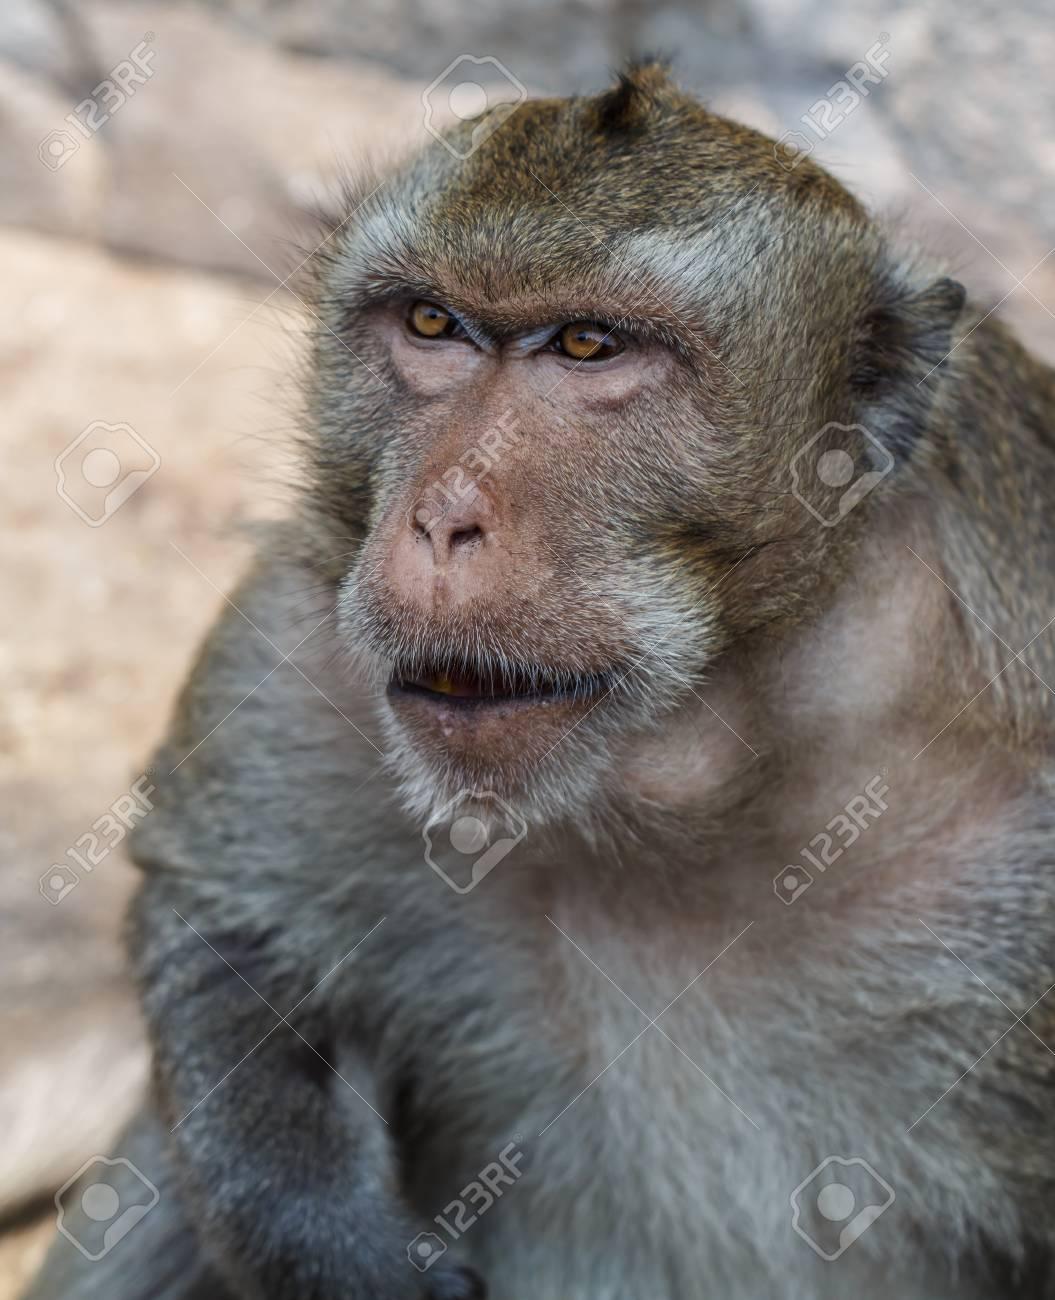 Ziemlich Süße Malvorlagen Von Affen Galerie - Malvorlagen Von Tieren ...